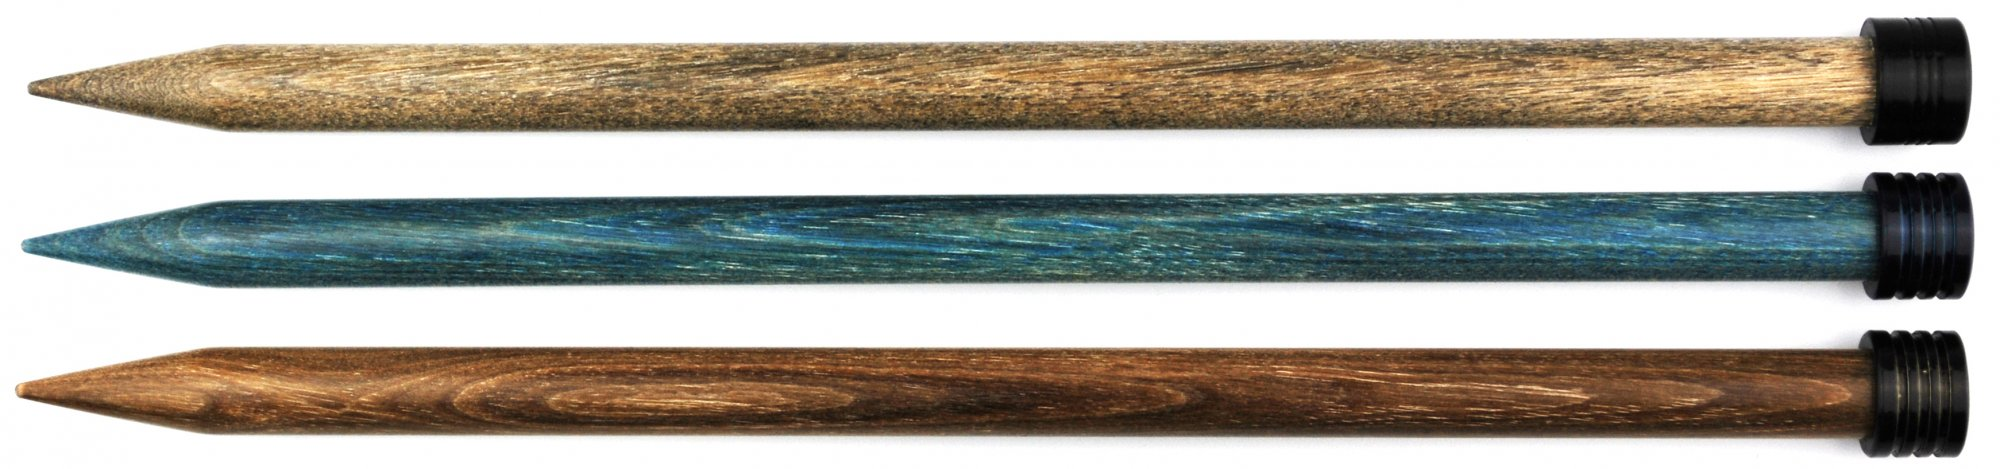 Lykke Driftwood STR 9 - 14''